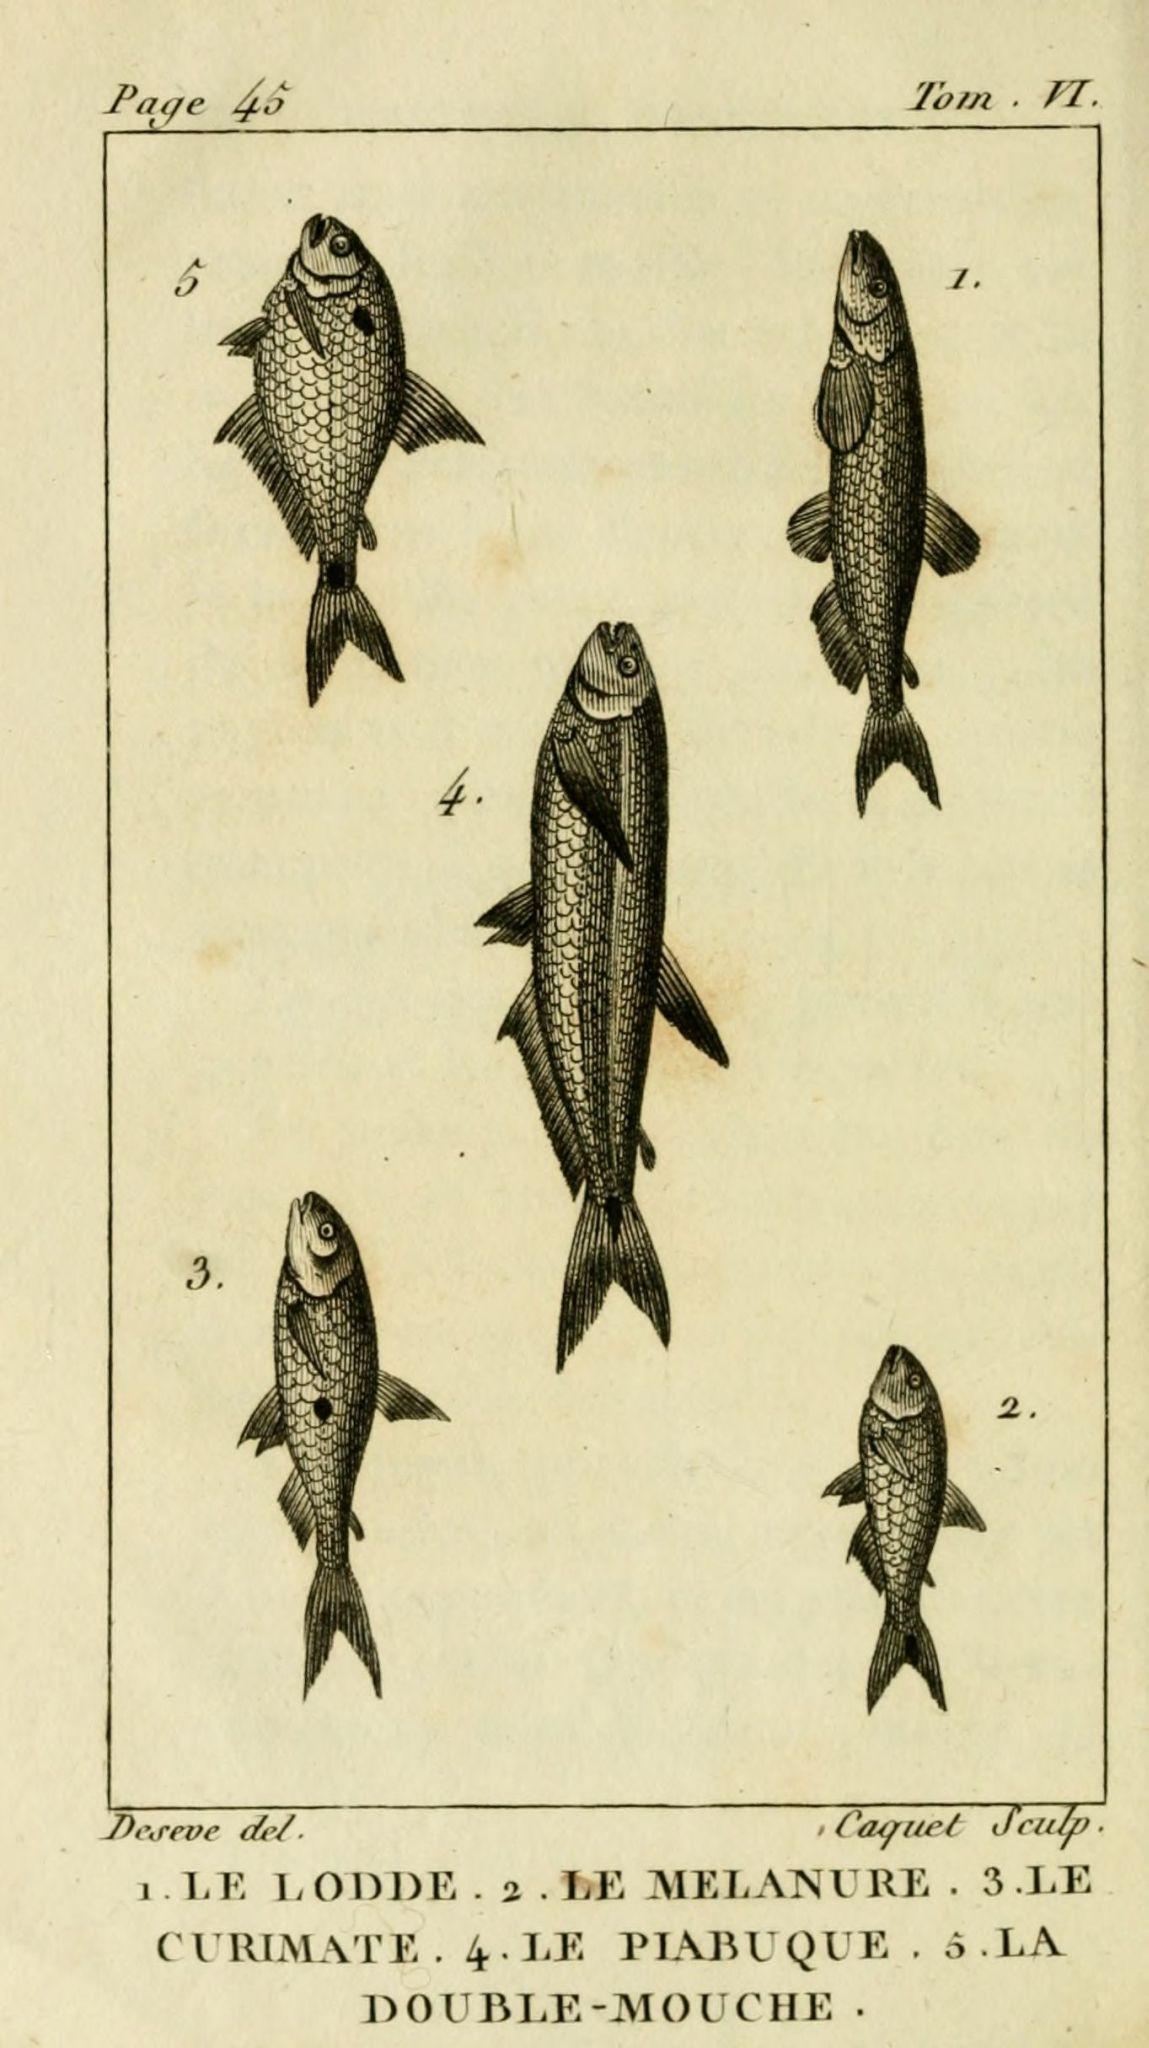 gravures_poissons_-_6062_lodde__-_melanure__-_curimate__-_piabuque__-_double-mouche-1